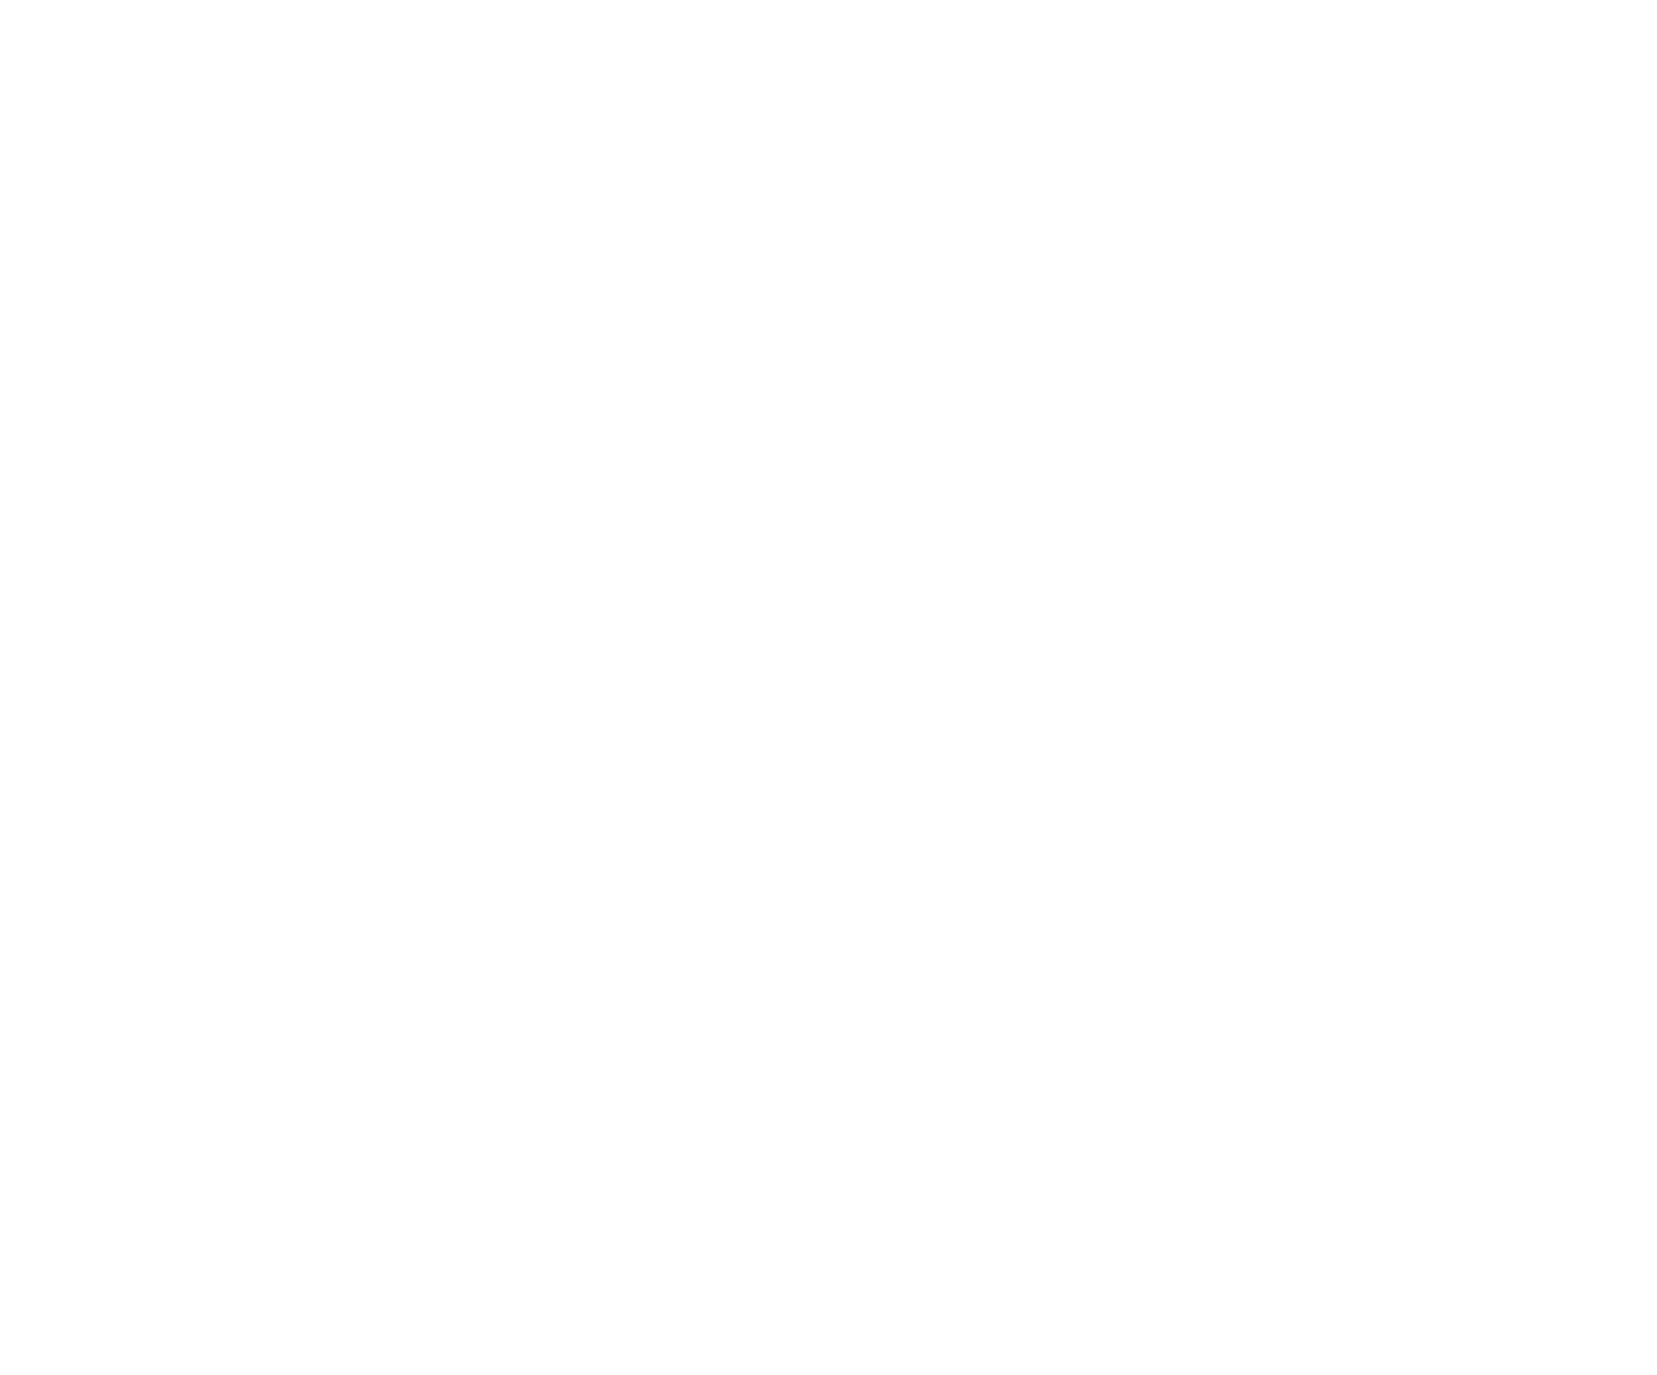 caveira-transparente